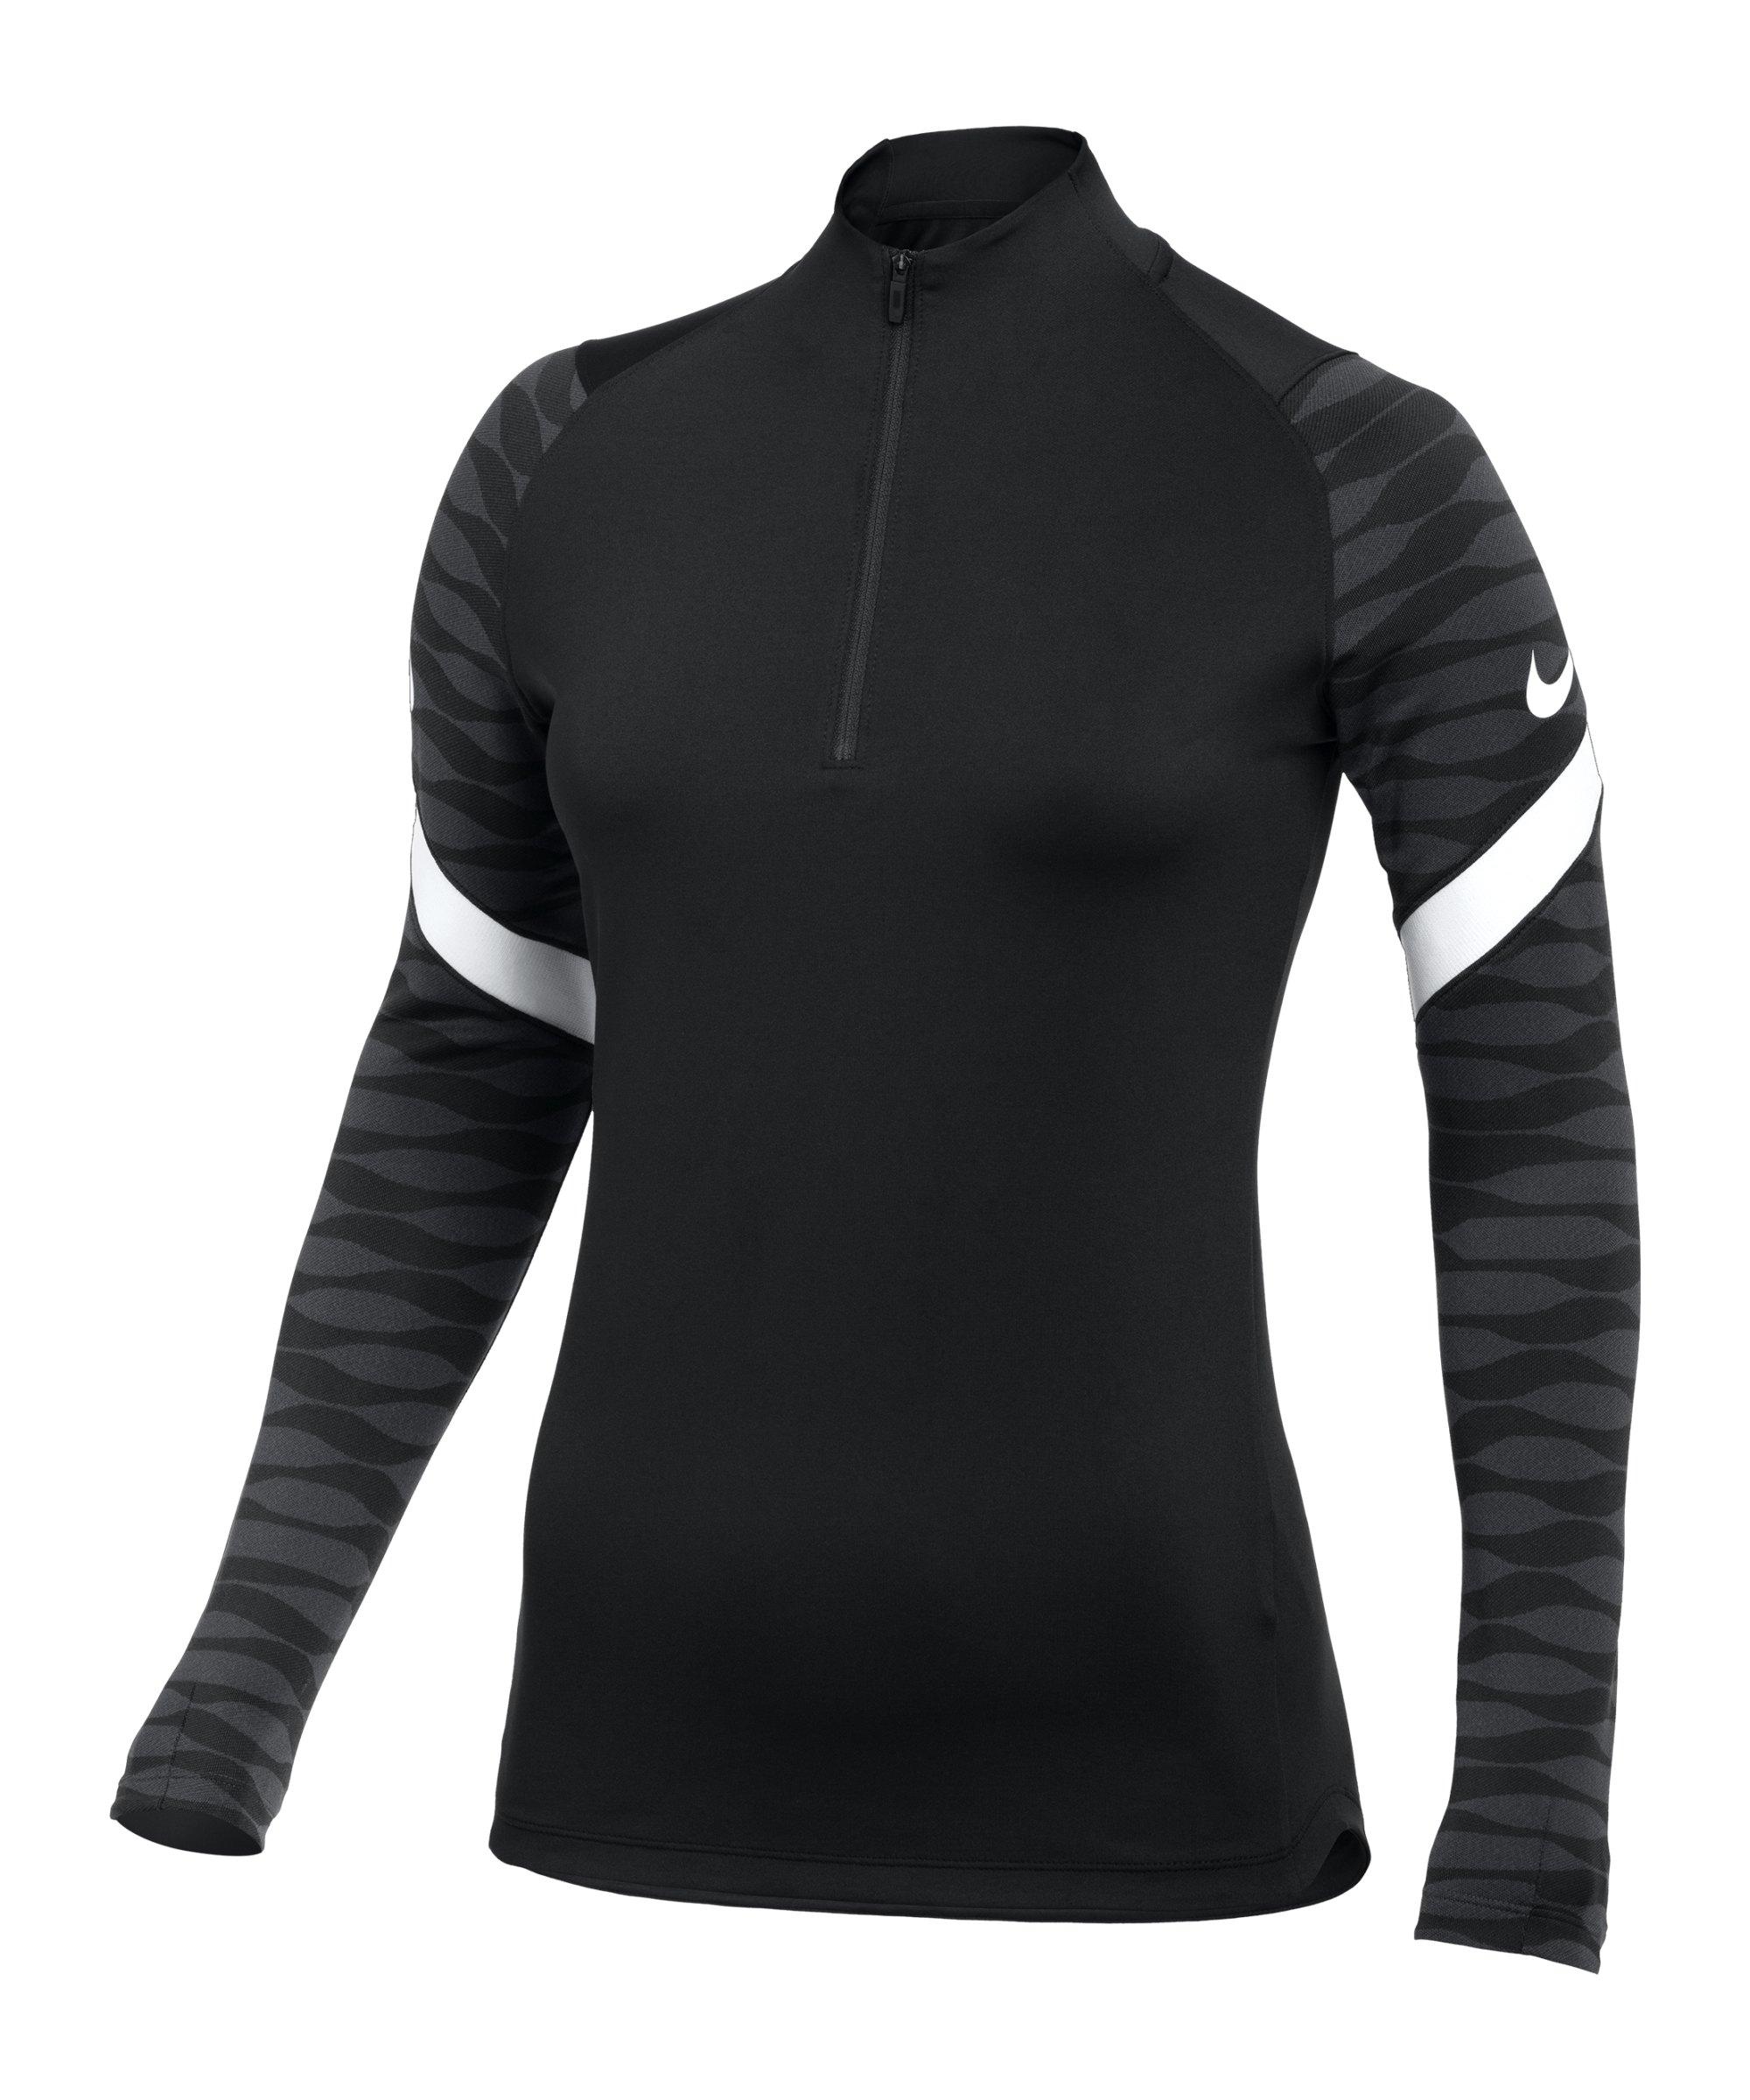 Nike Strike 21 Drill Top Damen Schwarz Weiss F010 - schwarz